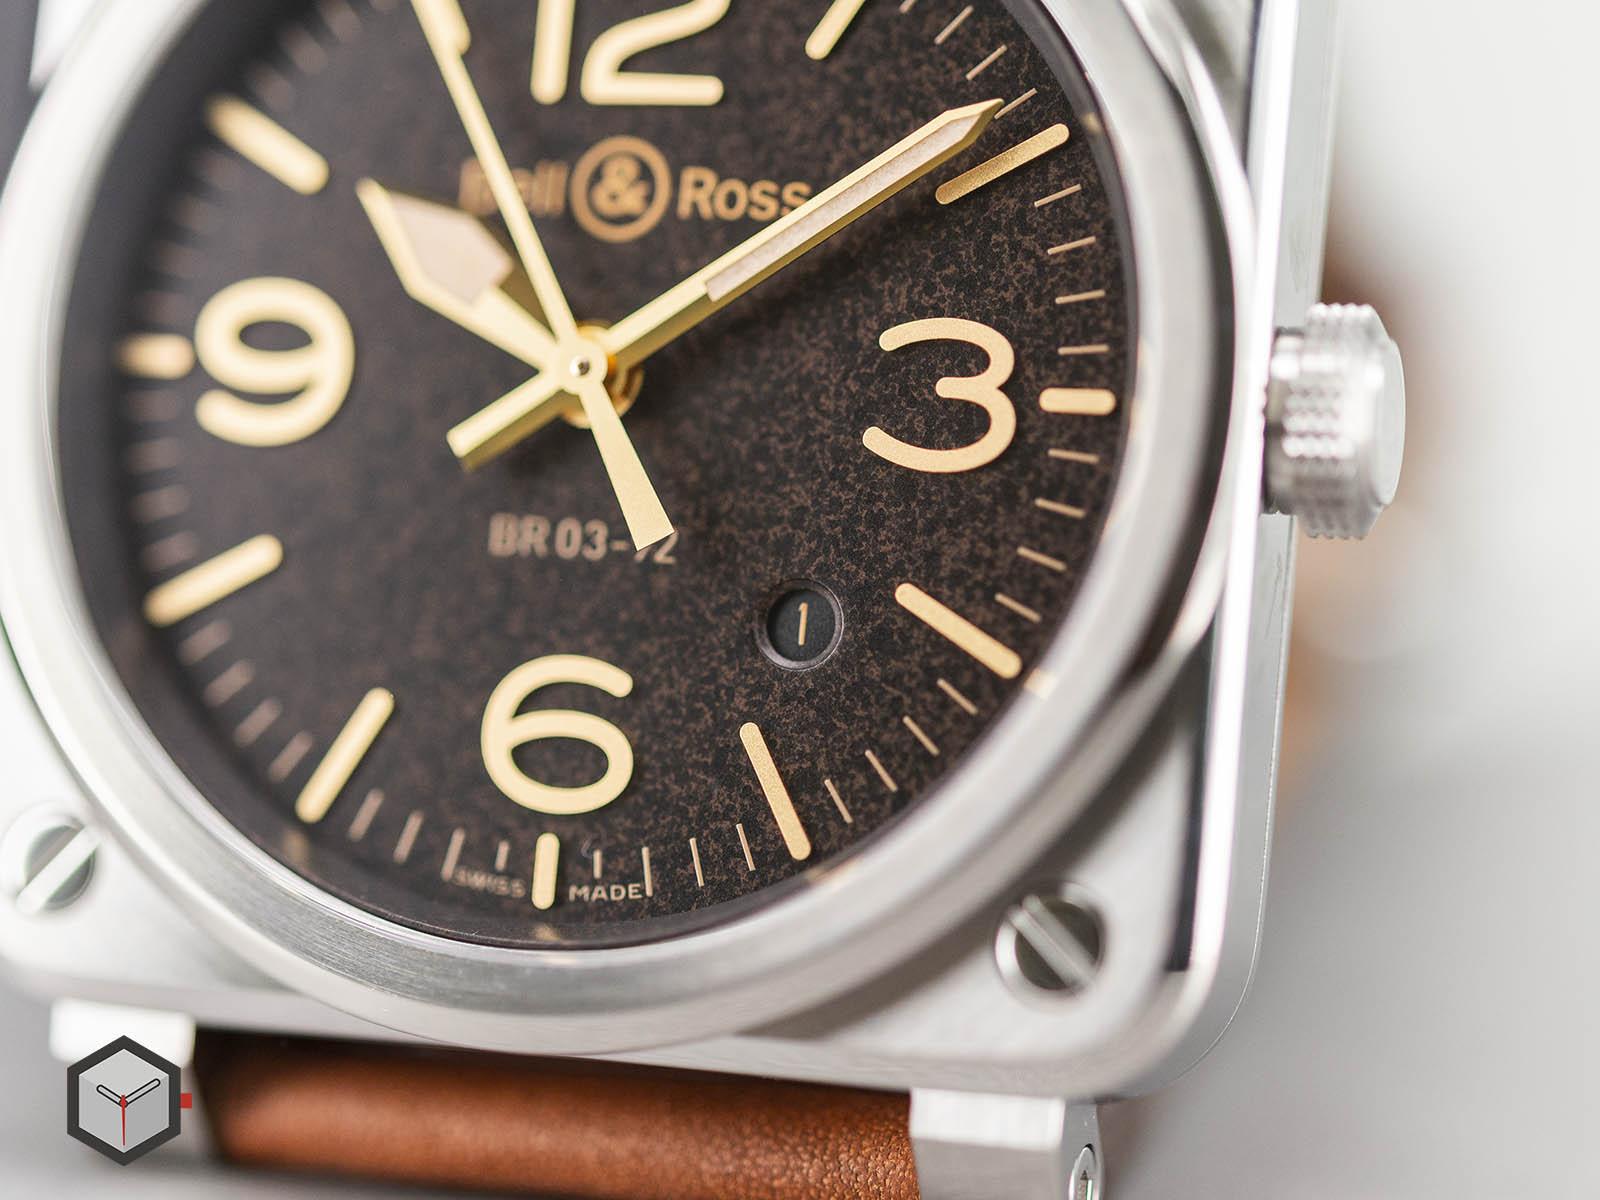 br0392-st-g-he-sca-2-bell-ross-br-03-92-golden-heritage-5.jpg